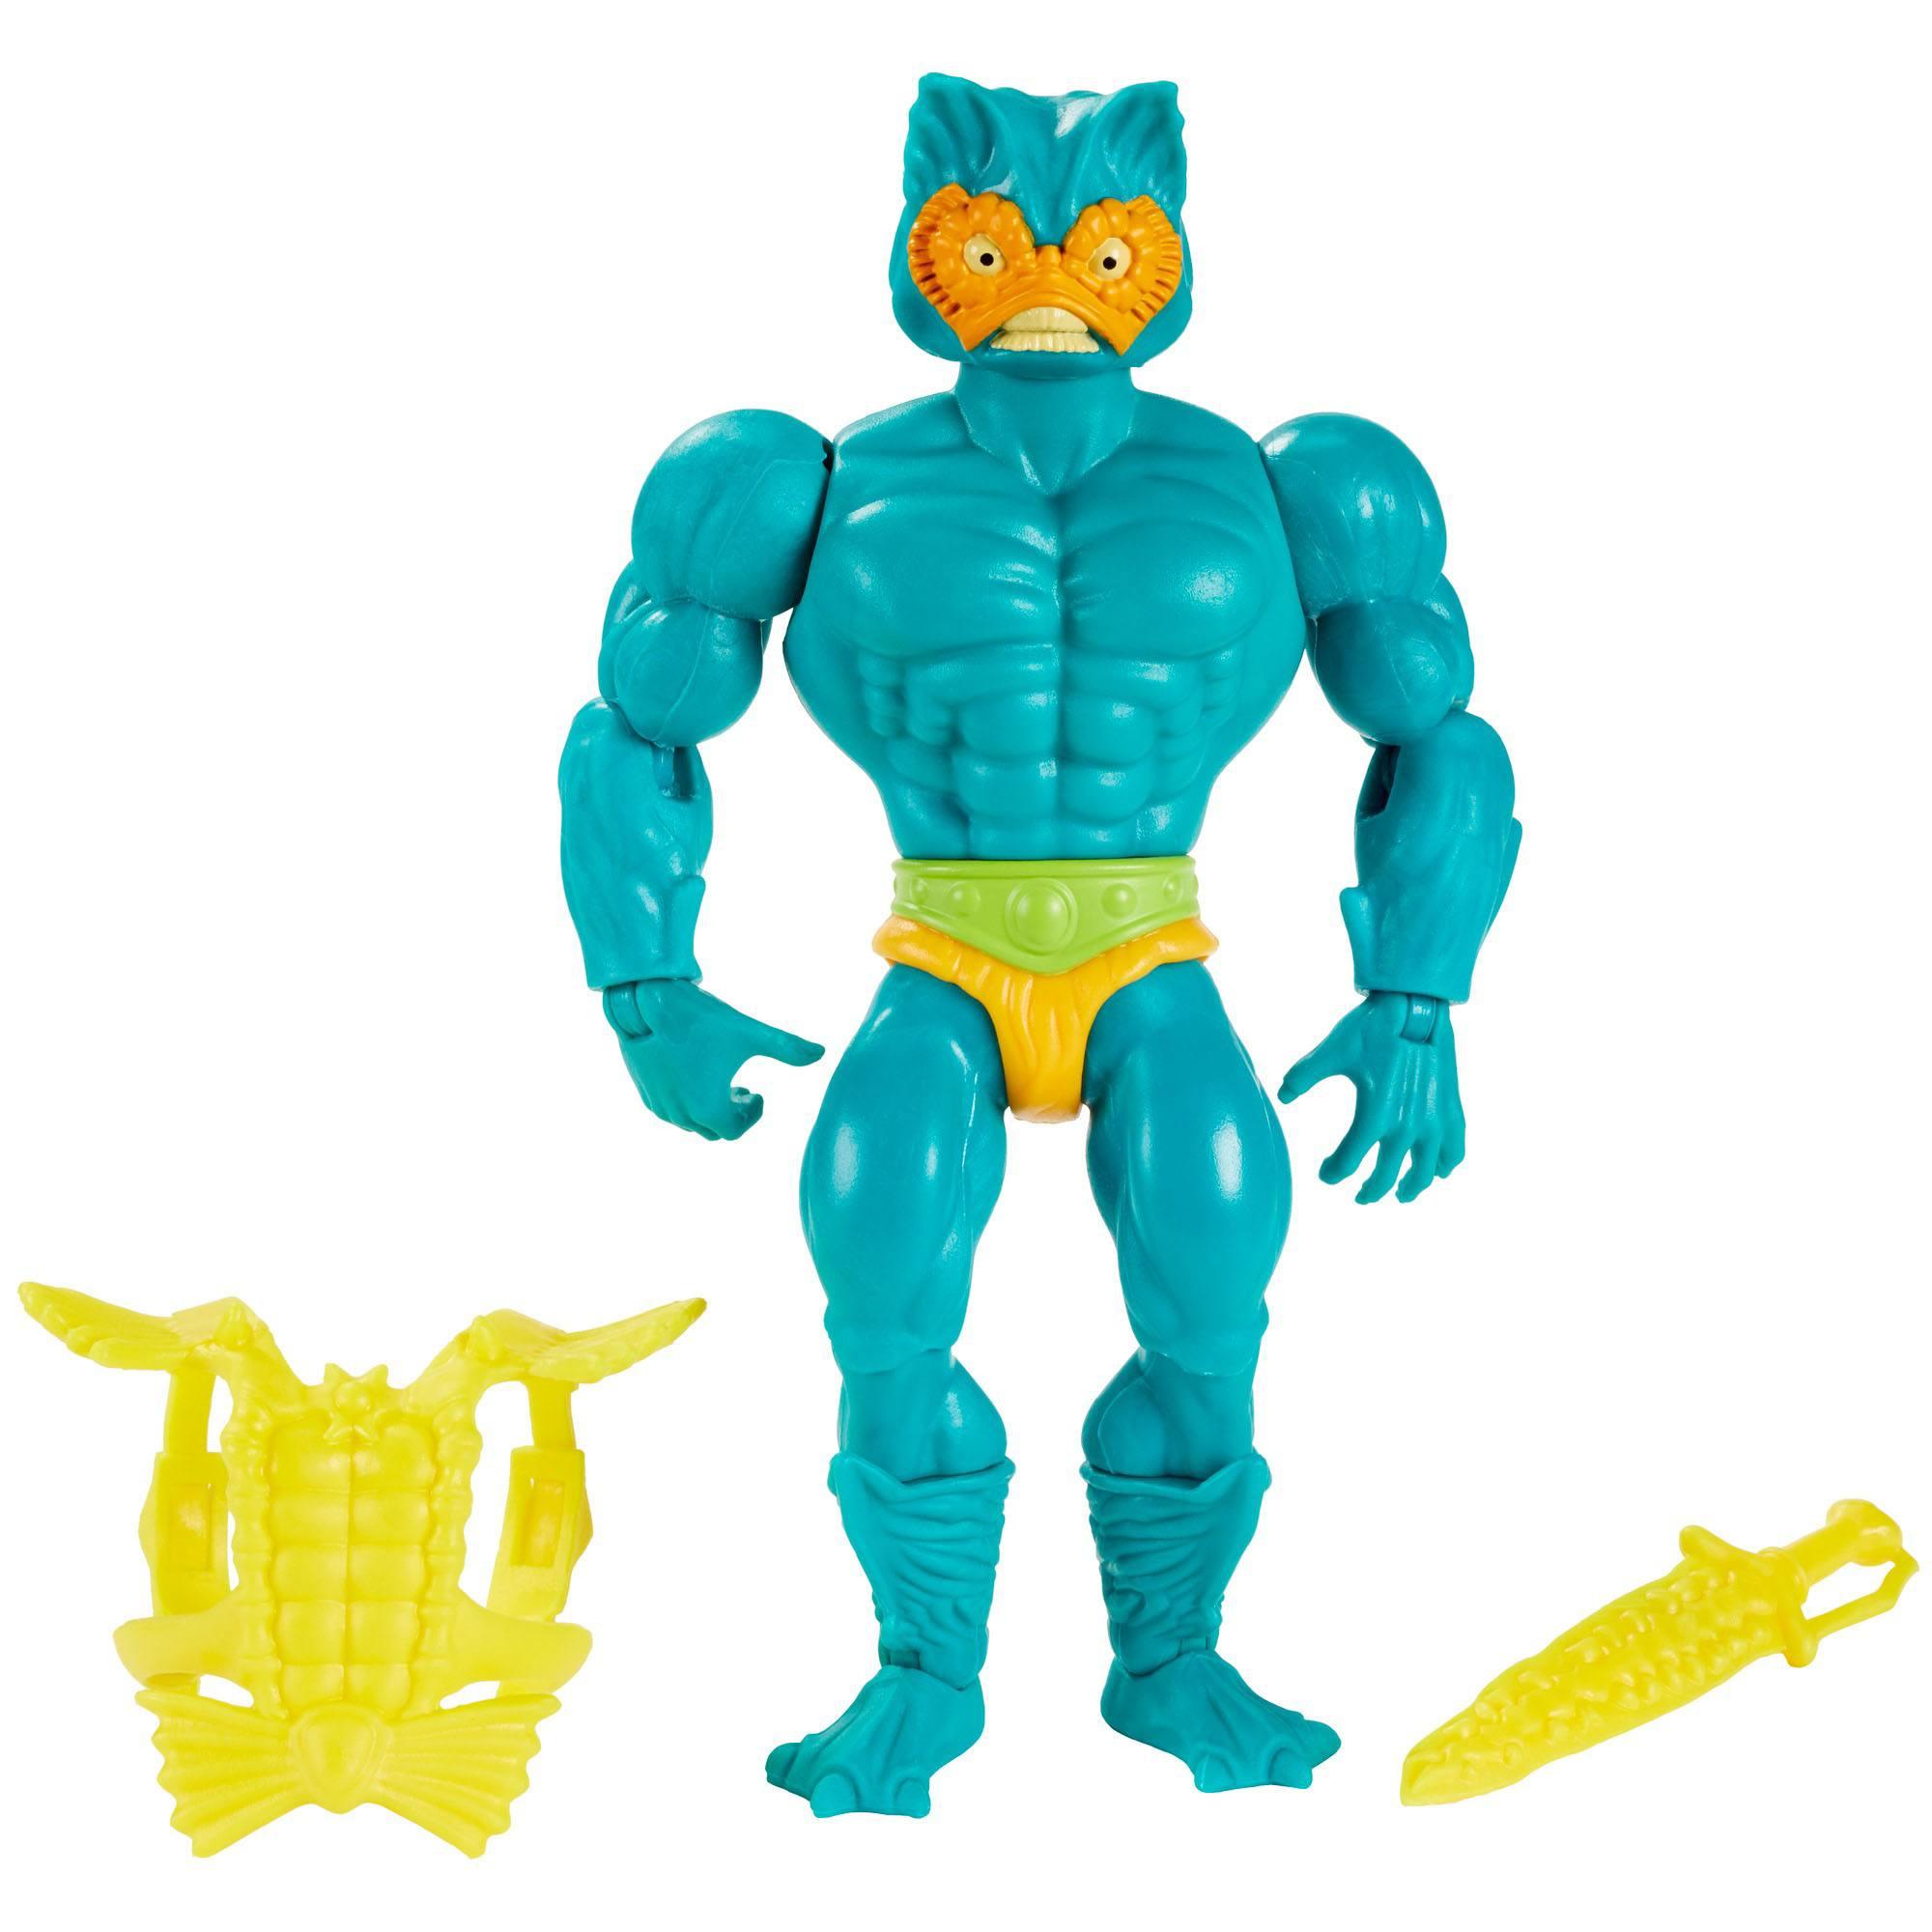 Masters of the Universe Origins Actionfigur 2021 Mer-Man 14 cm MATTGRX01 887961913408